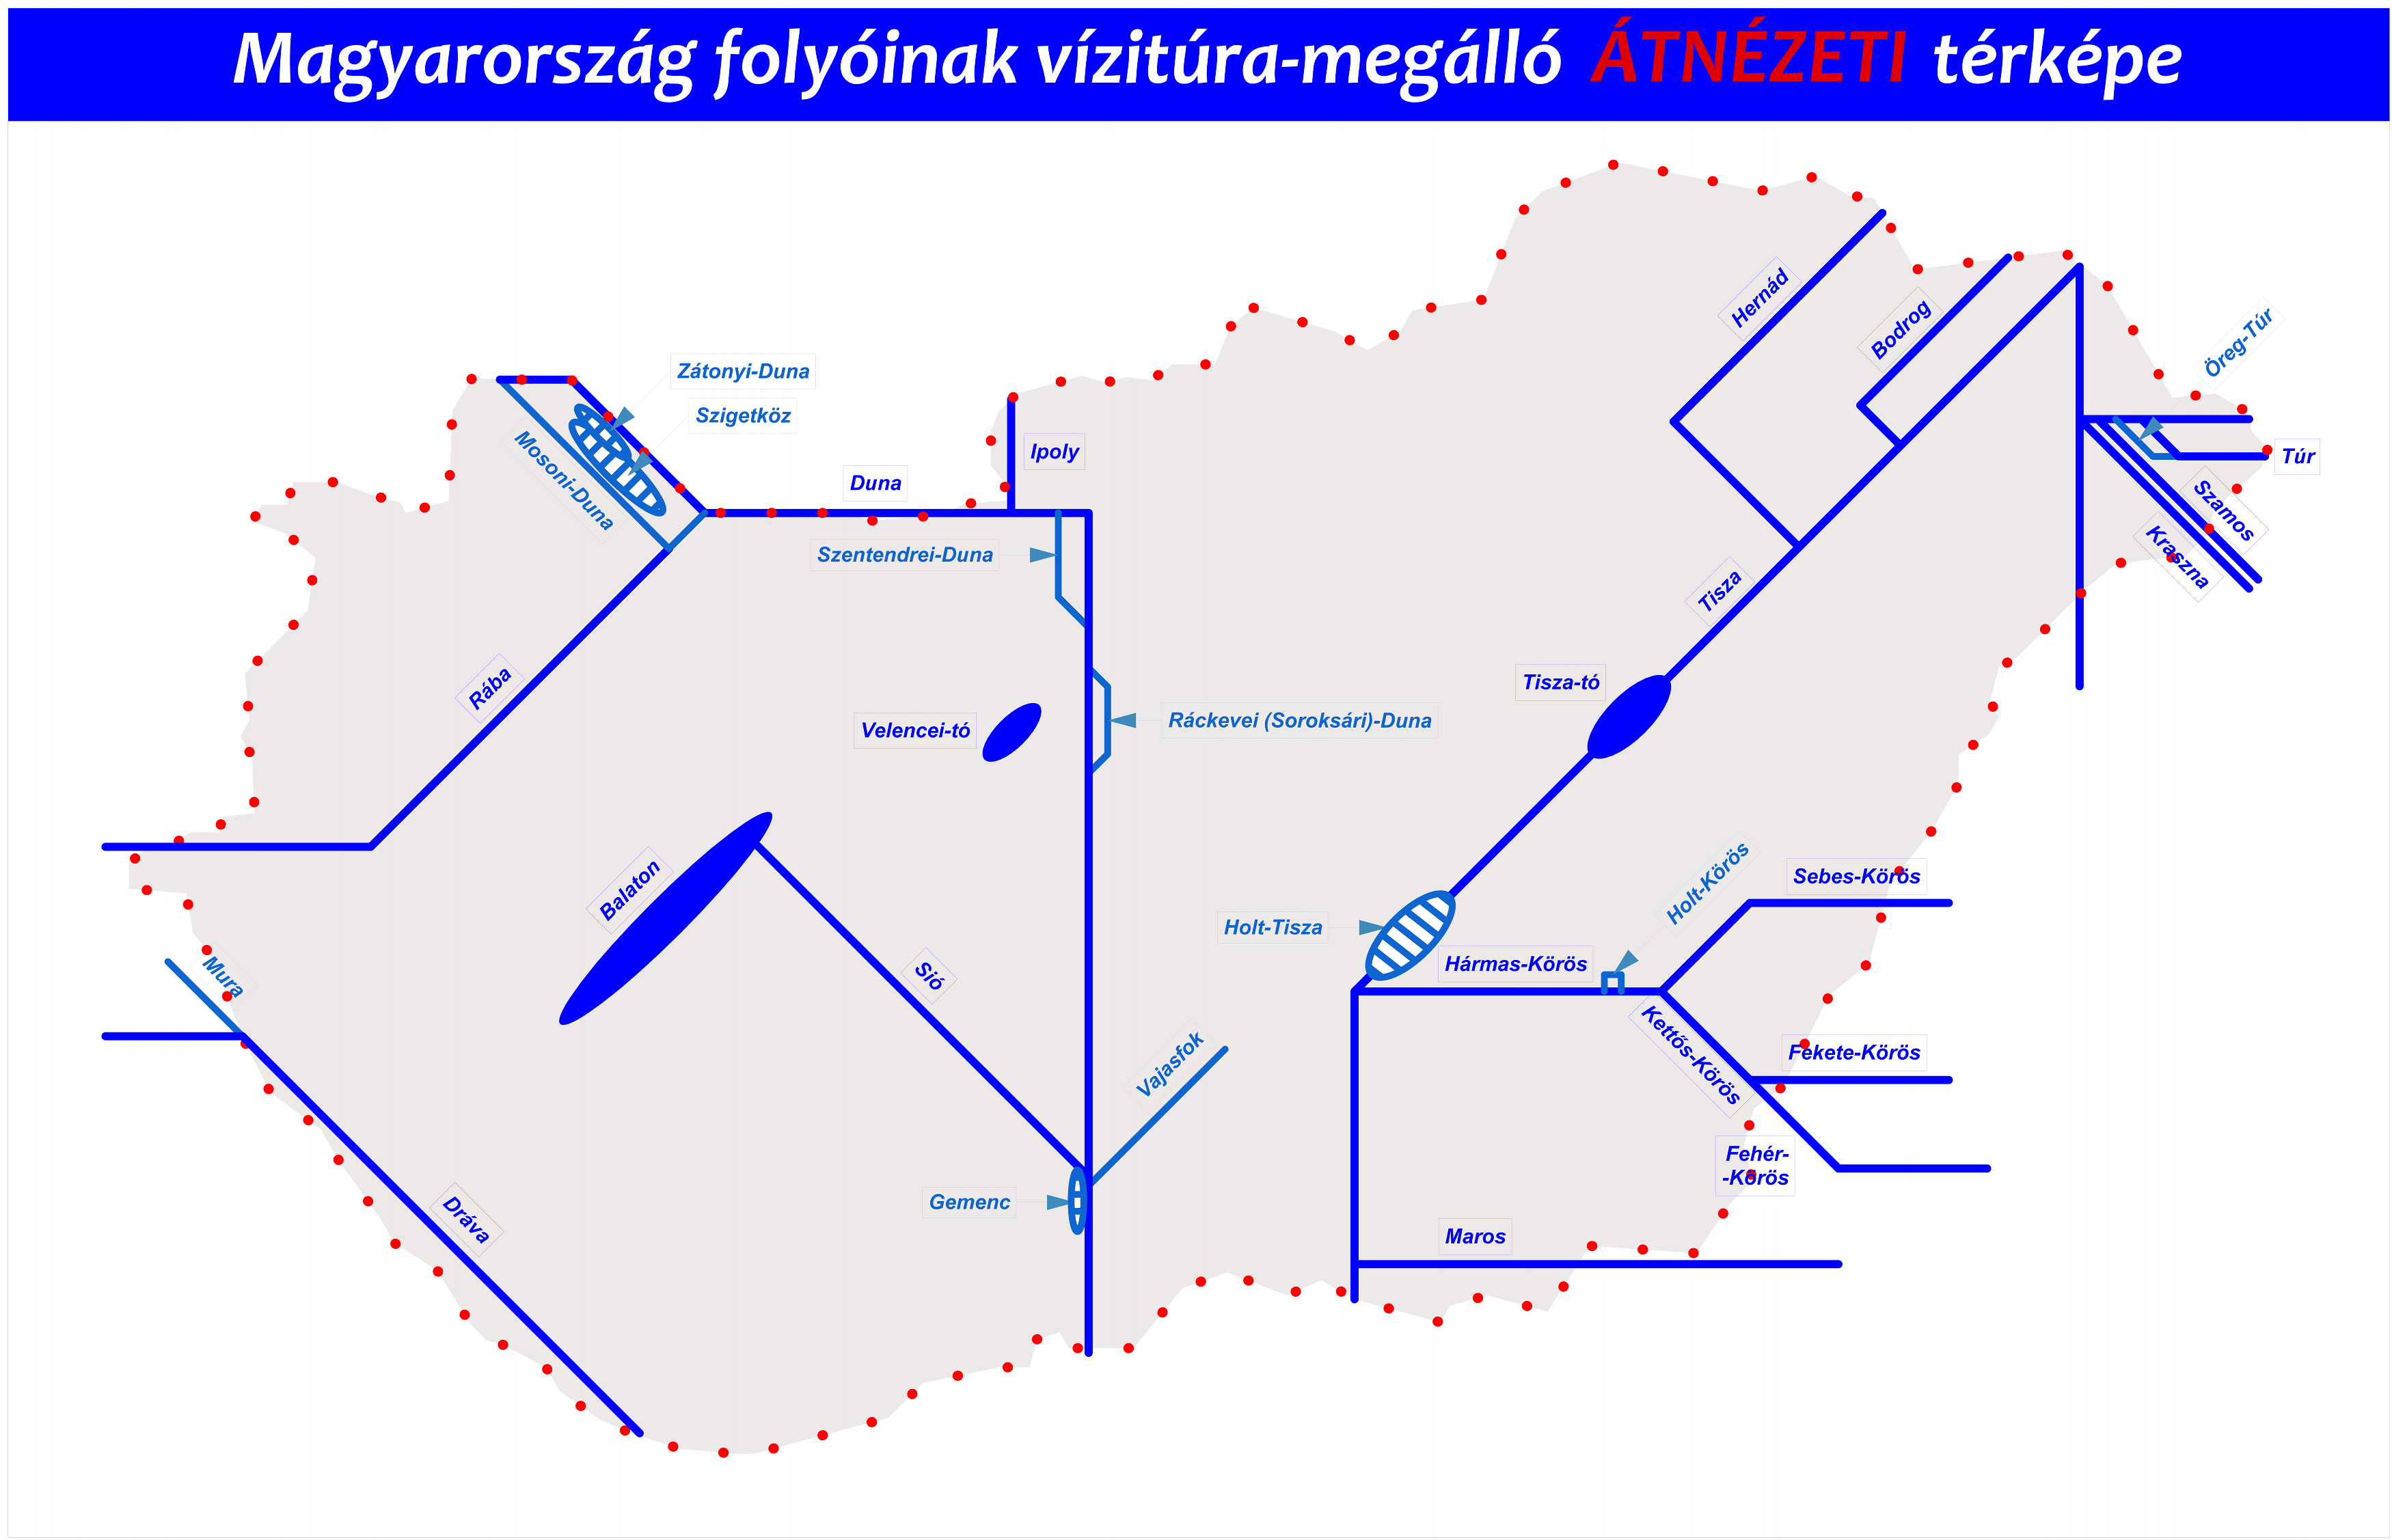 duna térkép magyarország Vízitúra megállóhely vonalhálózati térkép – Duna Régió  duna térkép magyarország